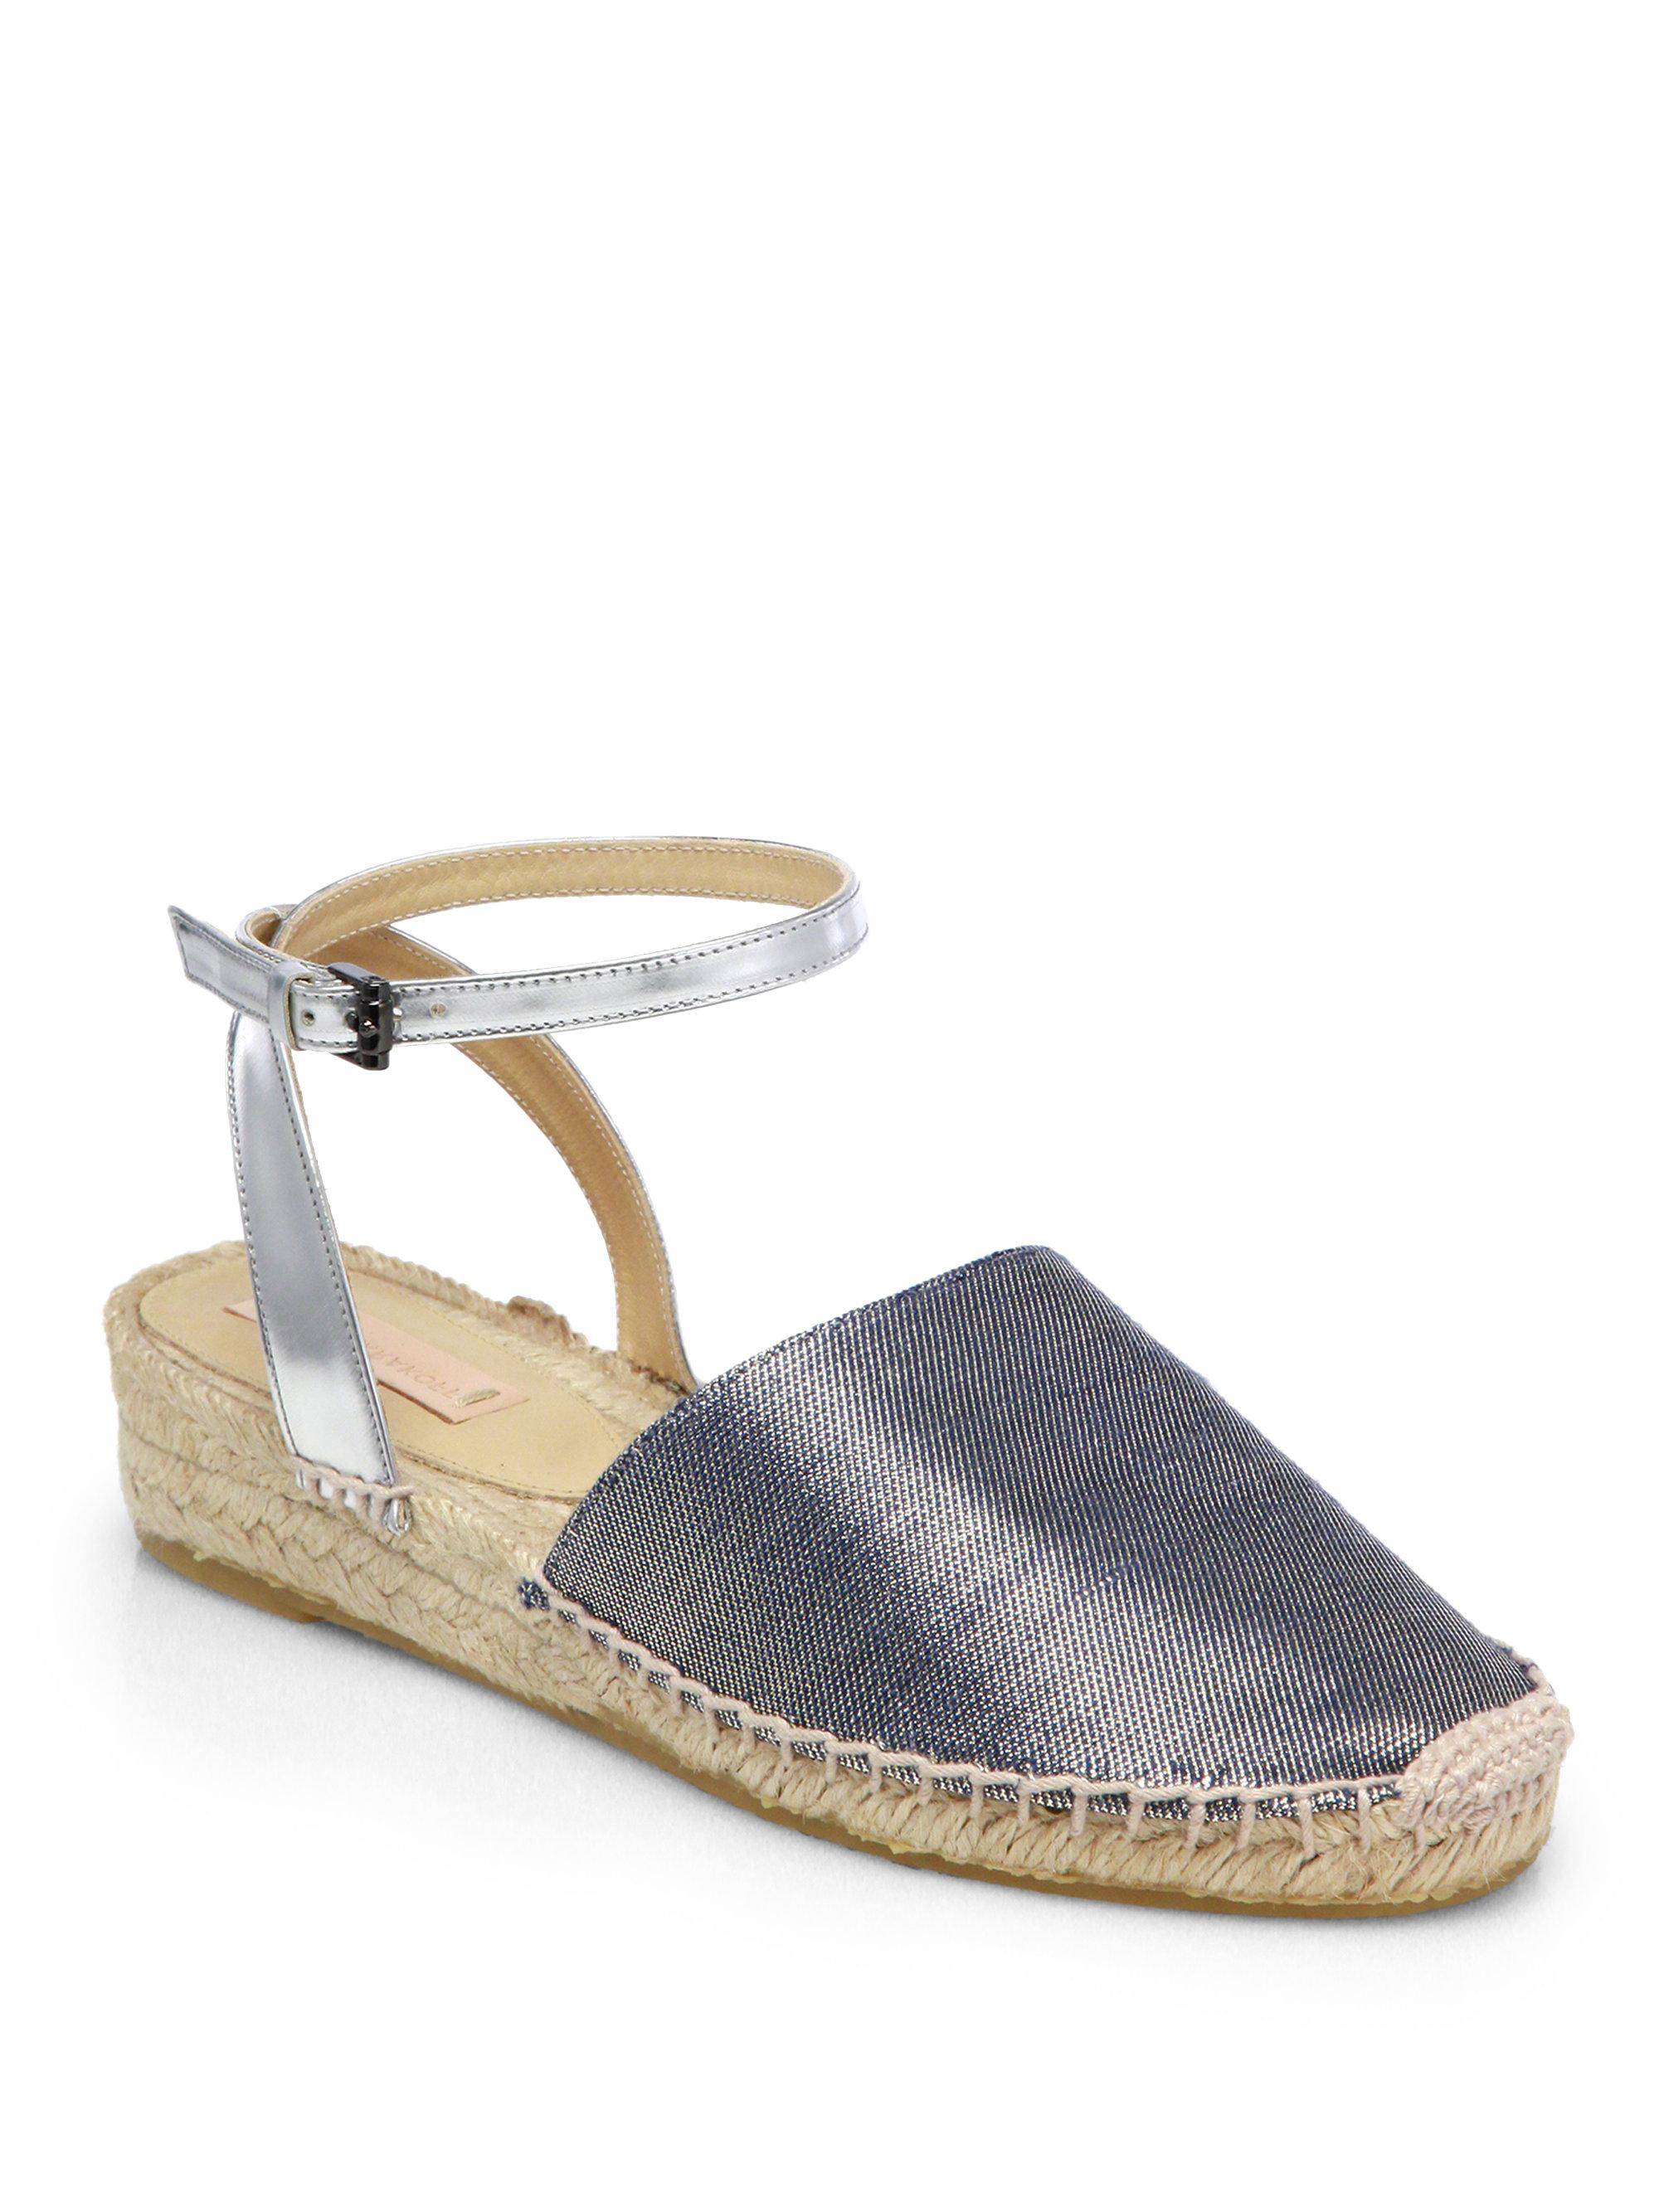 reed krakoff metallic linen espadrille wedge sandals in